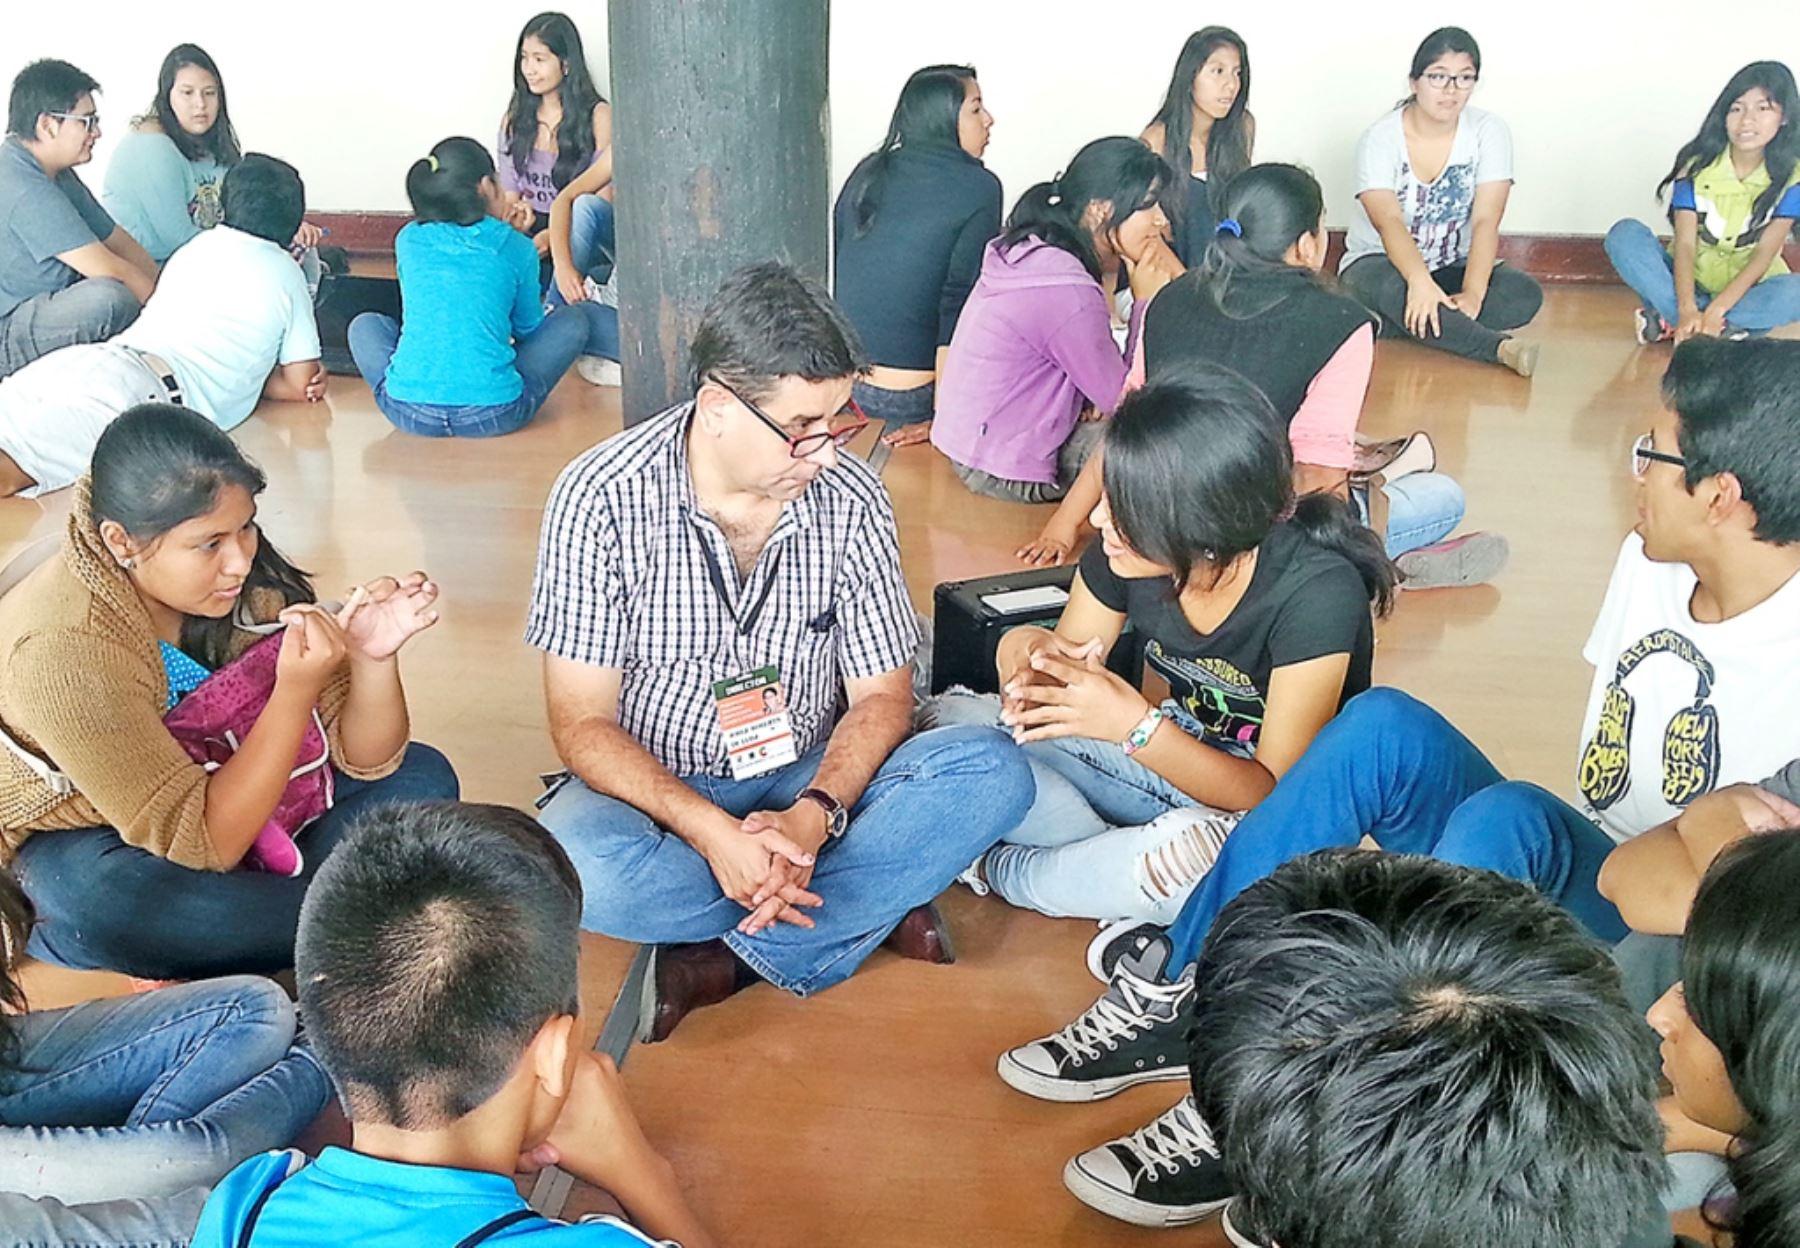 Reducirán violencia en escuelas peruanas con exitoso programa finlandés. Foto: ANDINA/Difusión.